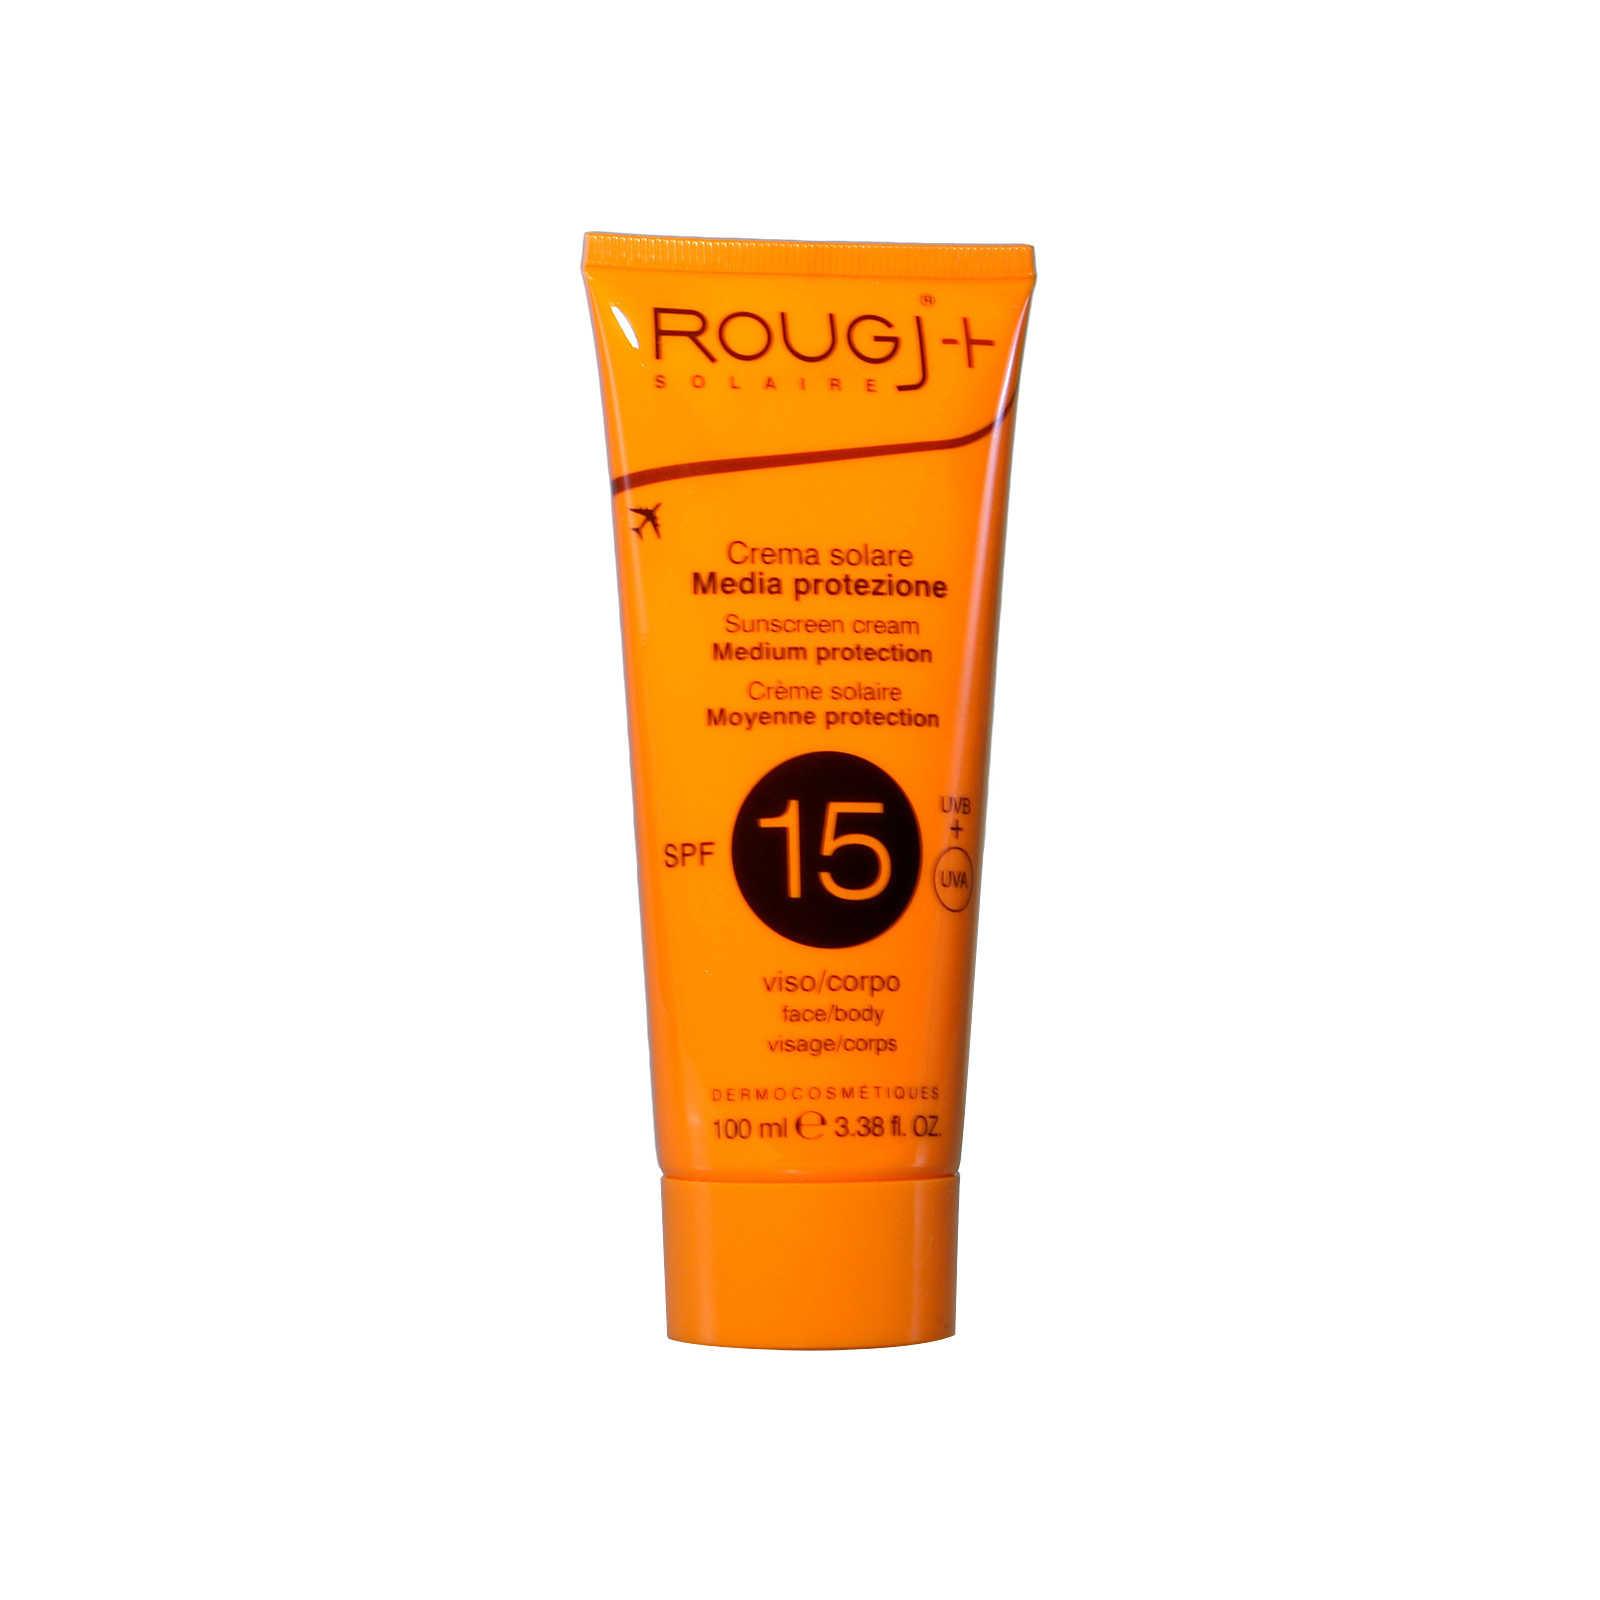 Rougj Crema Solare - Bassa protezione - SPF15